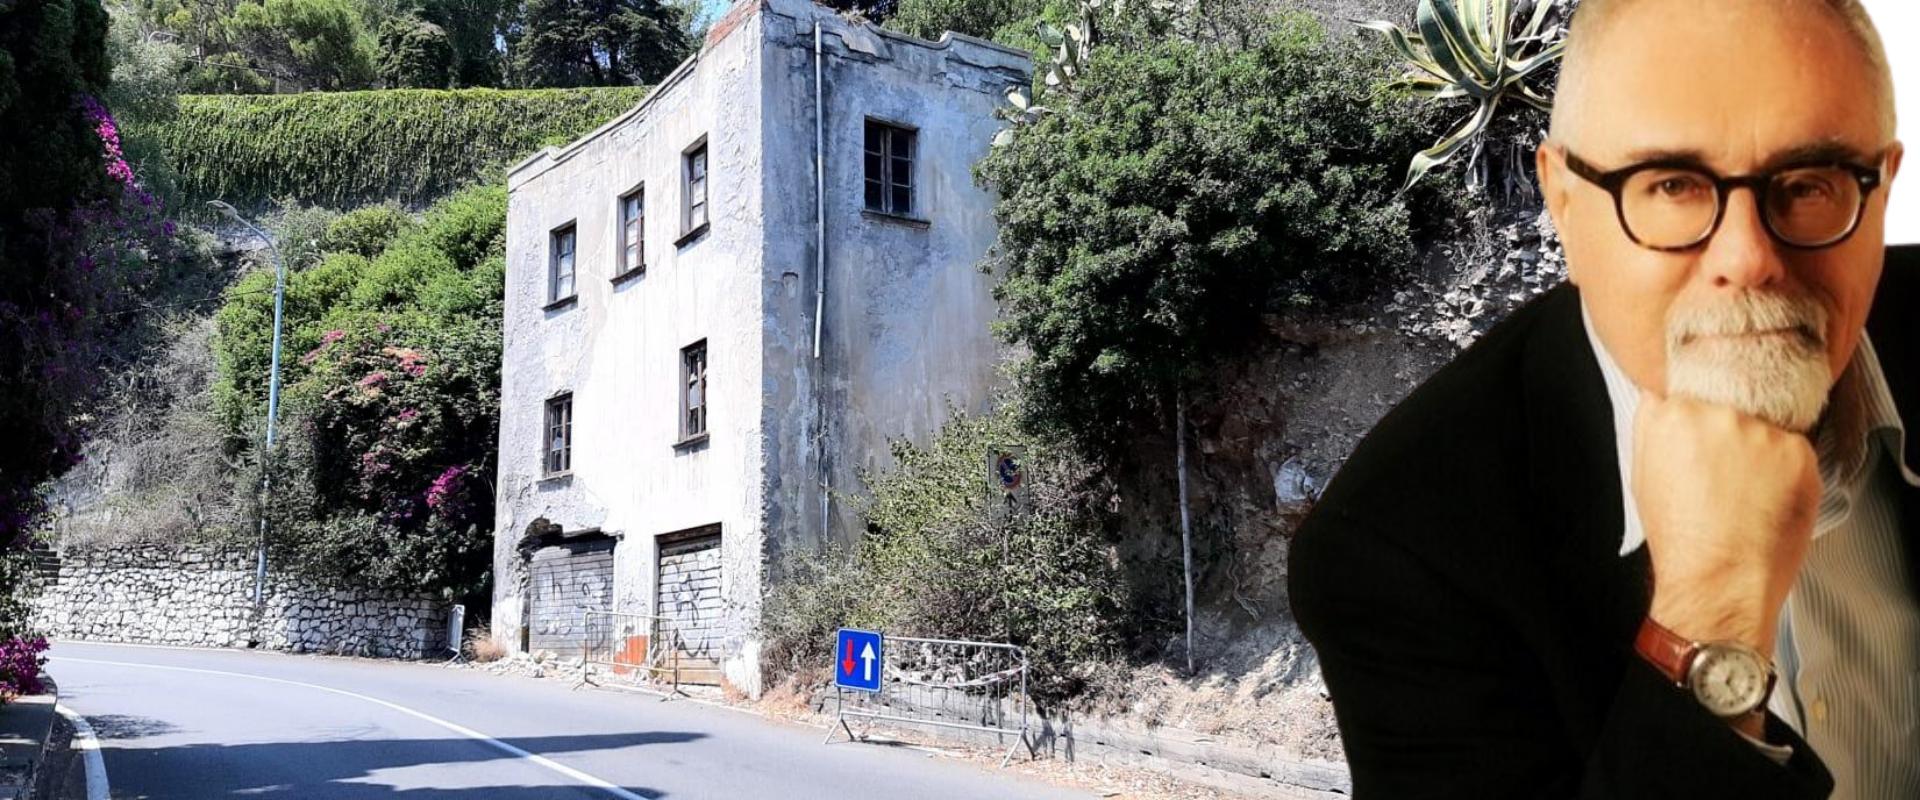 Taormina, casa pericolante, rischi per i turisti e il comune non fa niente. Da anni